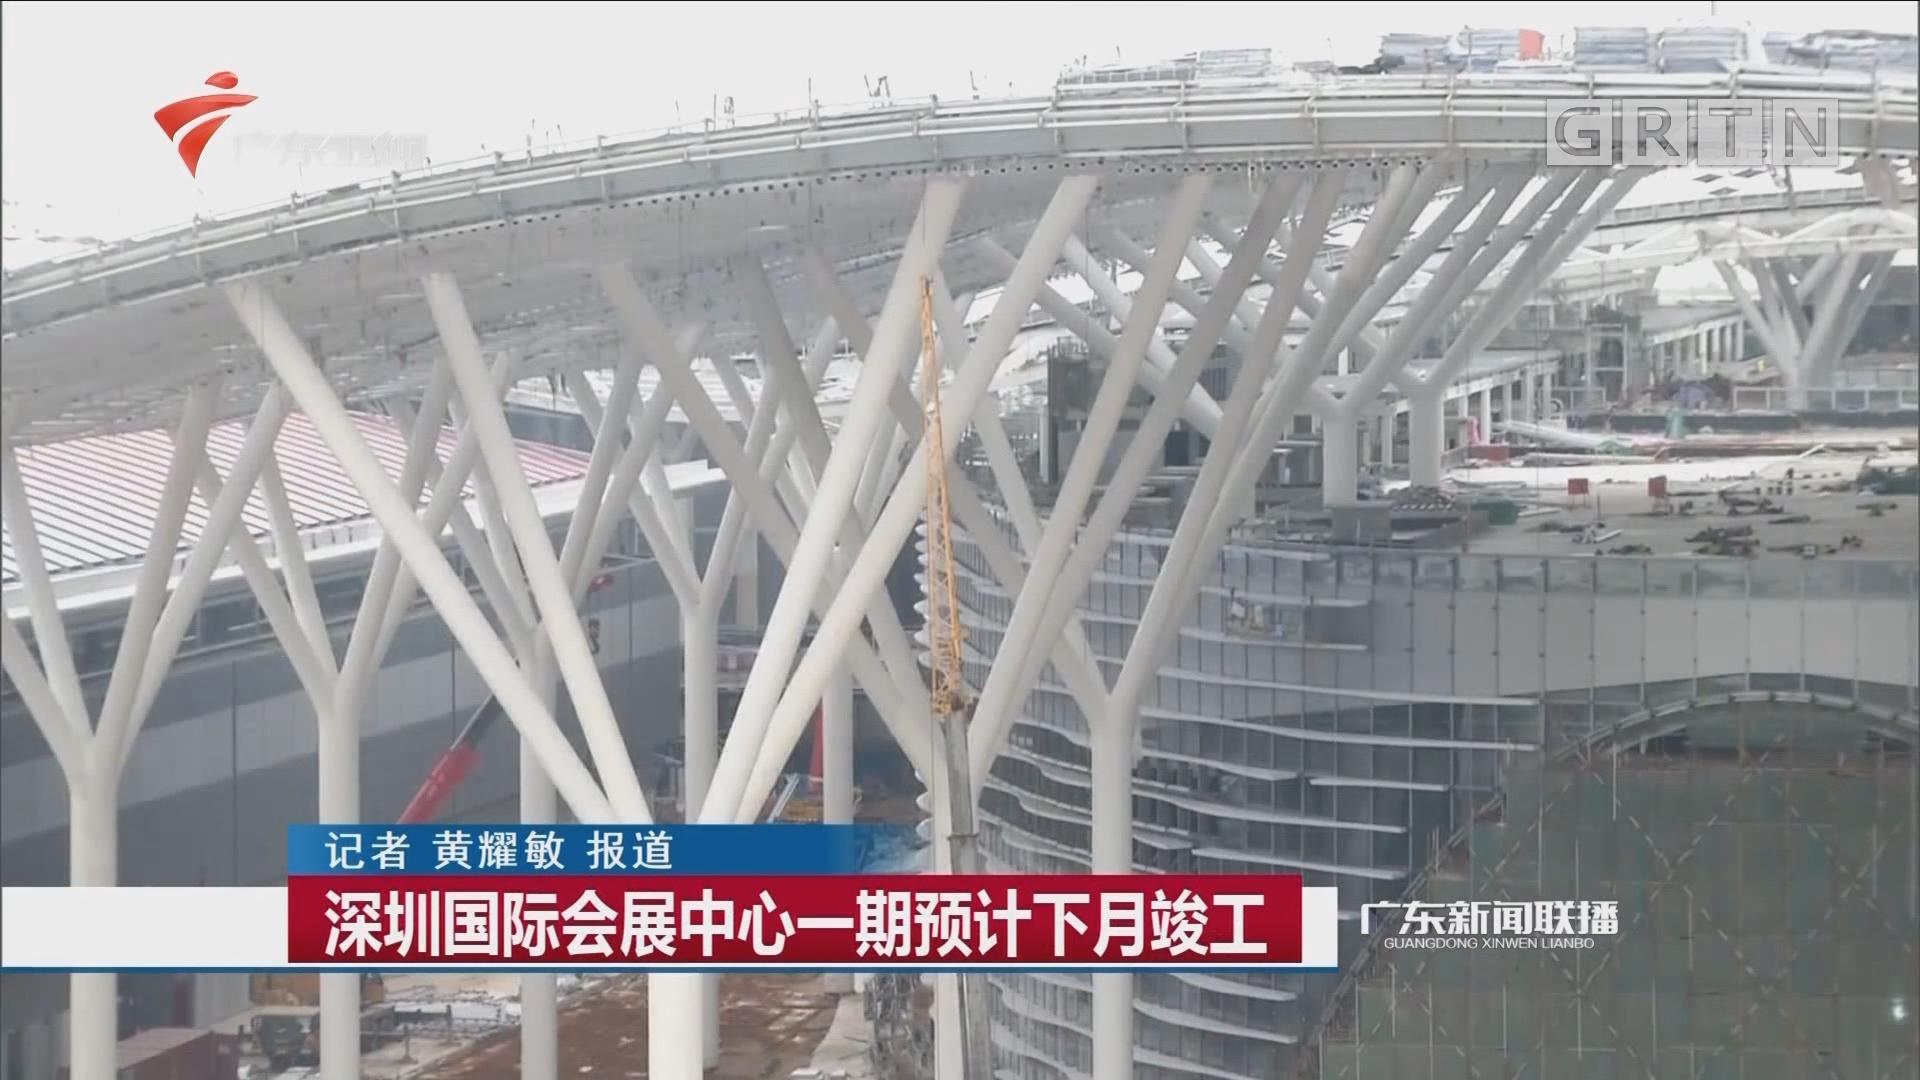 深圳国际会展中心一期预计下月竣工